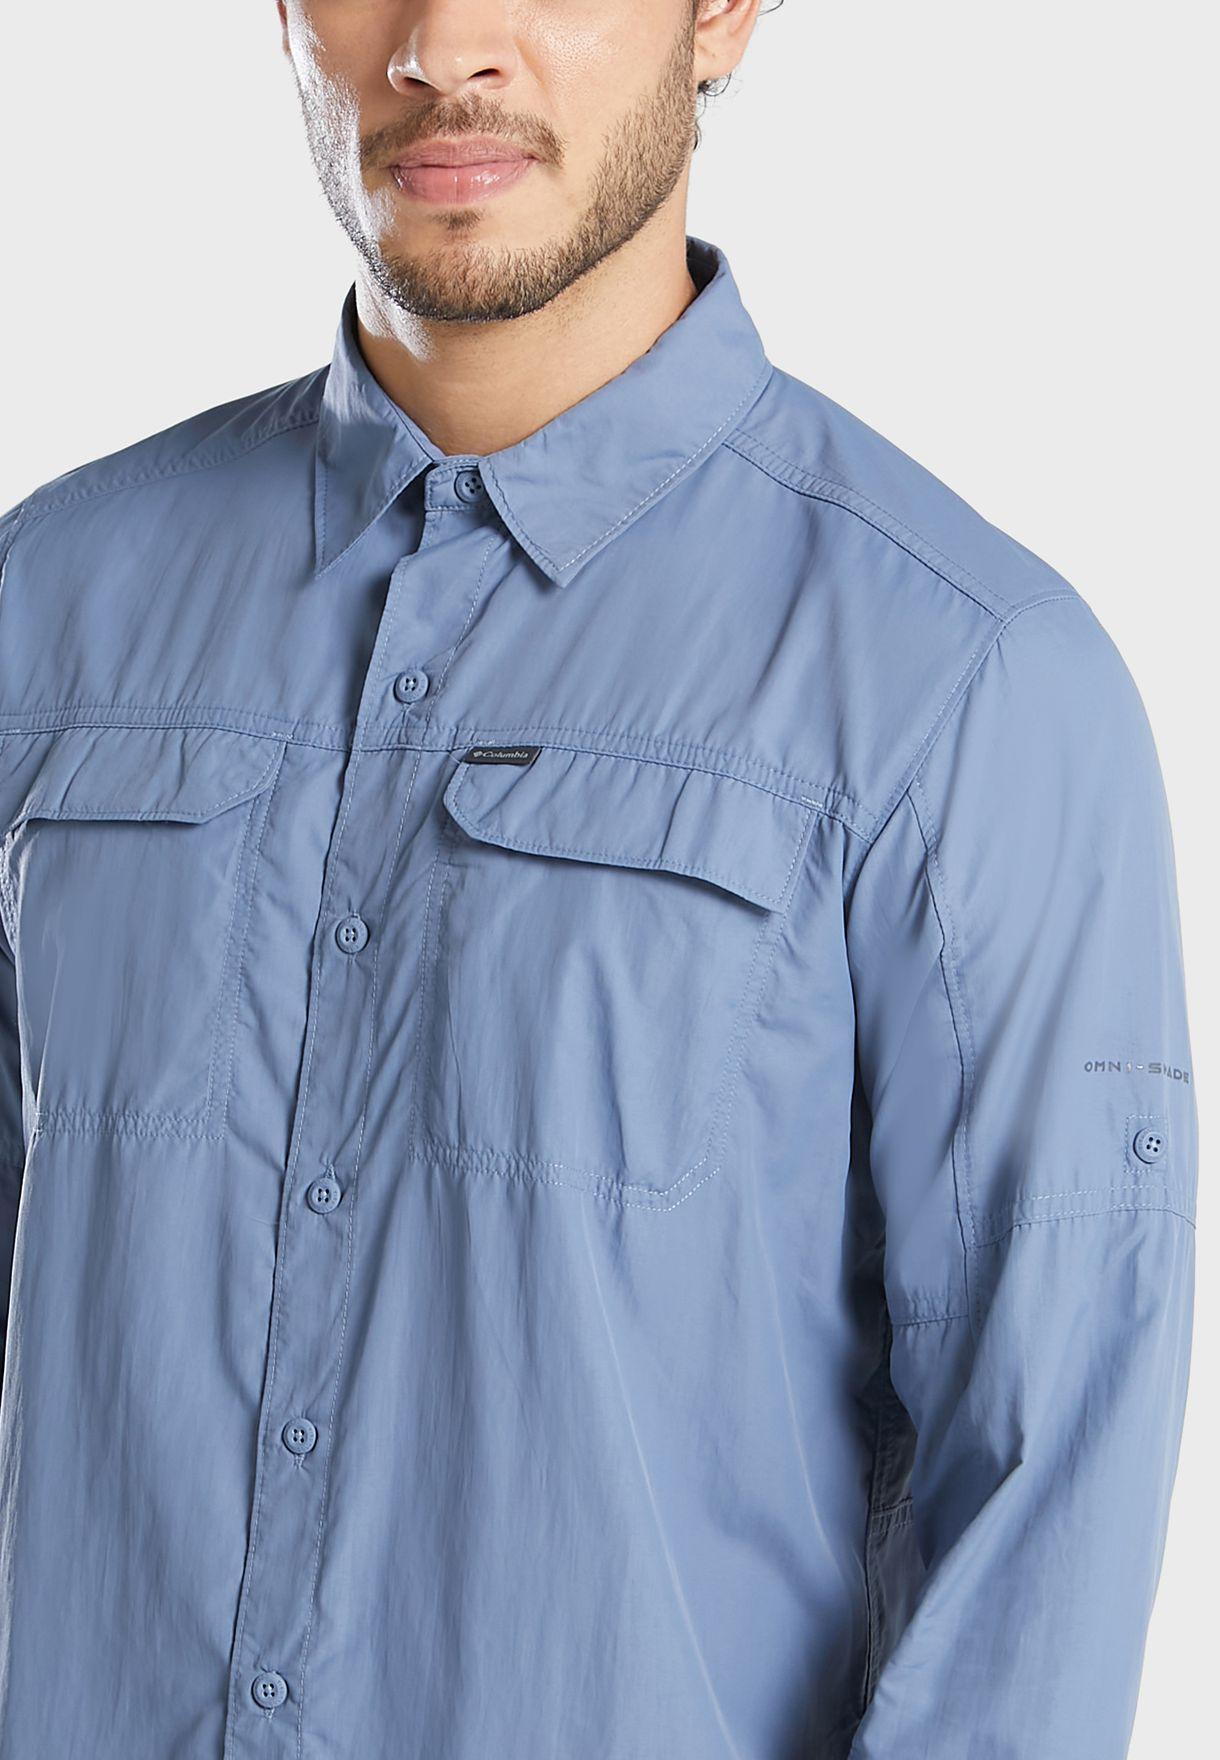 قميص بجيوب امامية